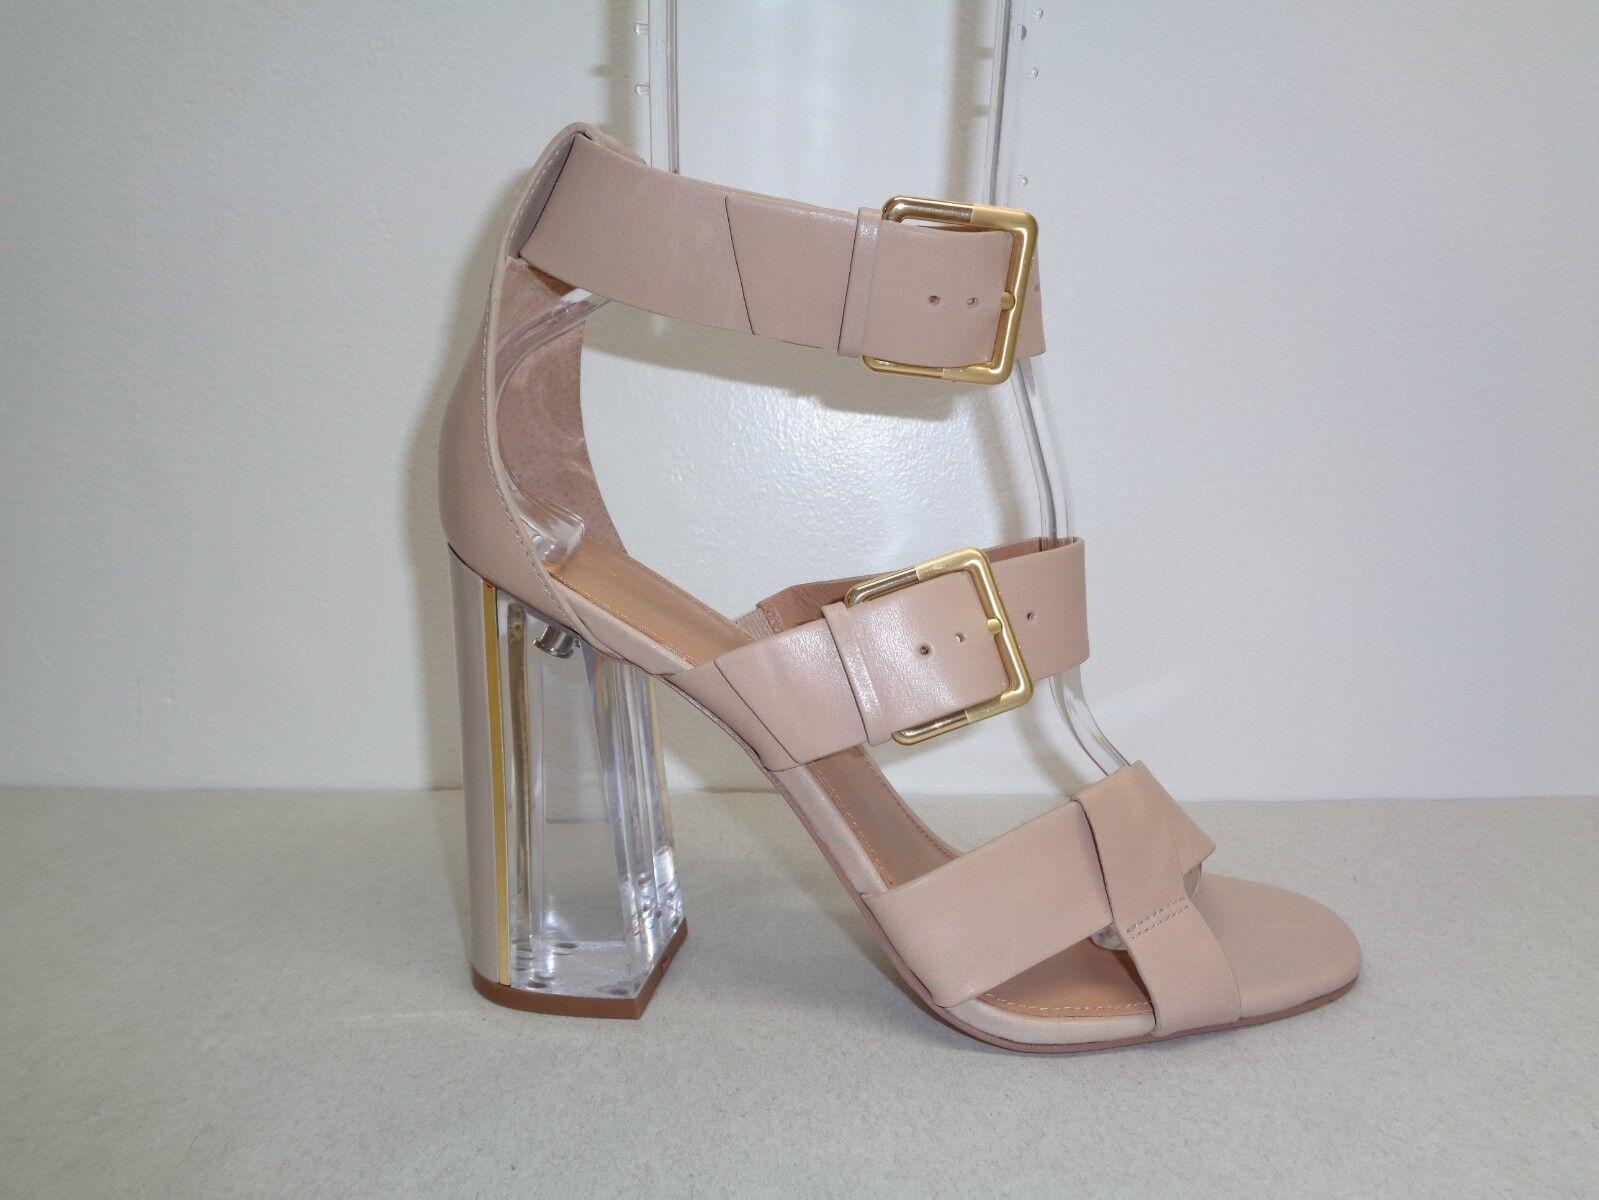 Ladies Wedge Heels Sweet Slipper Sweet Heels Bowknot Round Toe Summer Backless Slip on Shoes 52eb3d